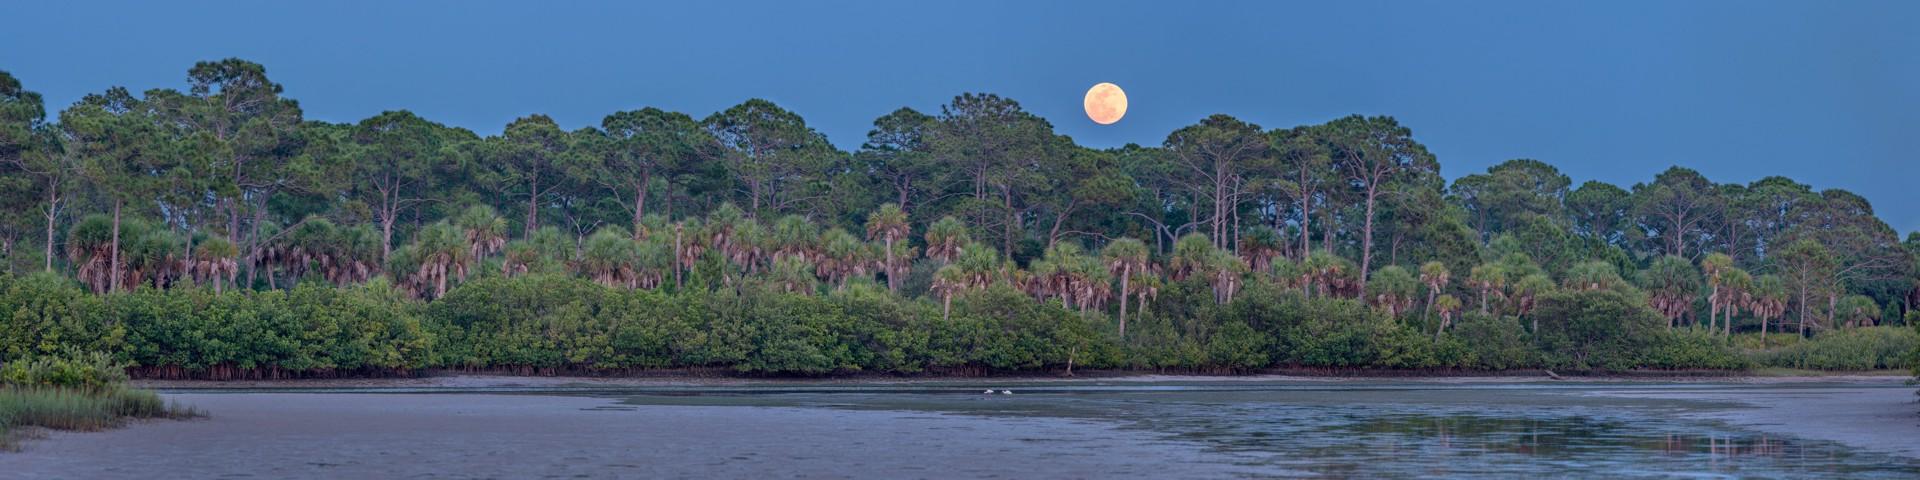 Moonrise Over Caladesi III by Carlton Ward Jr